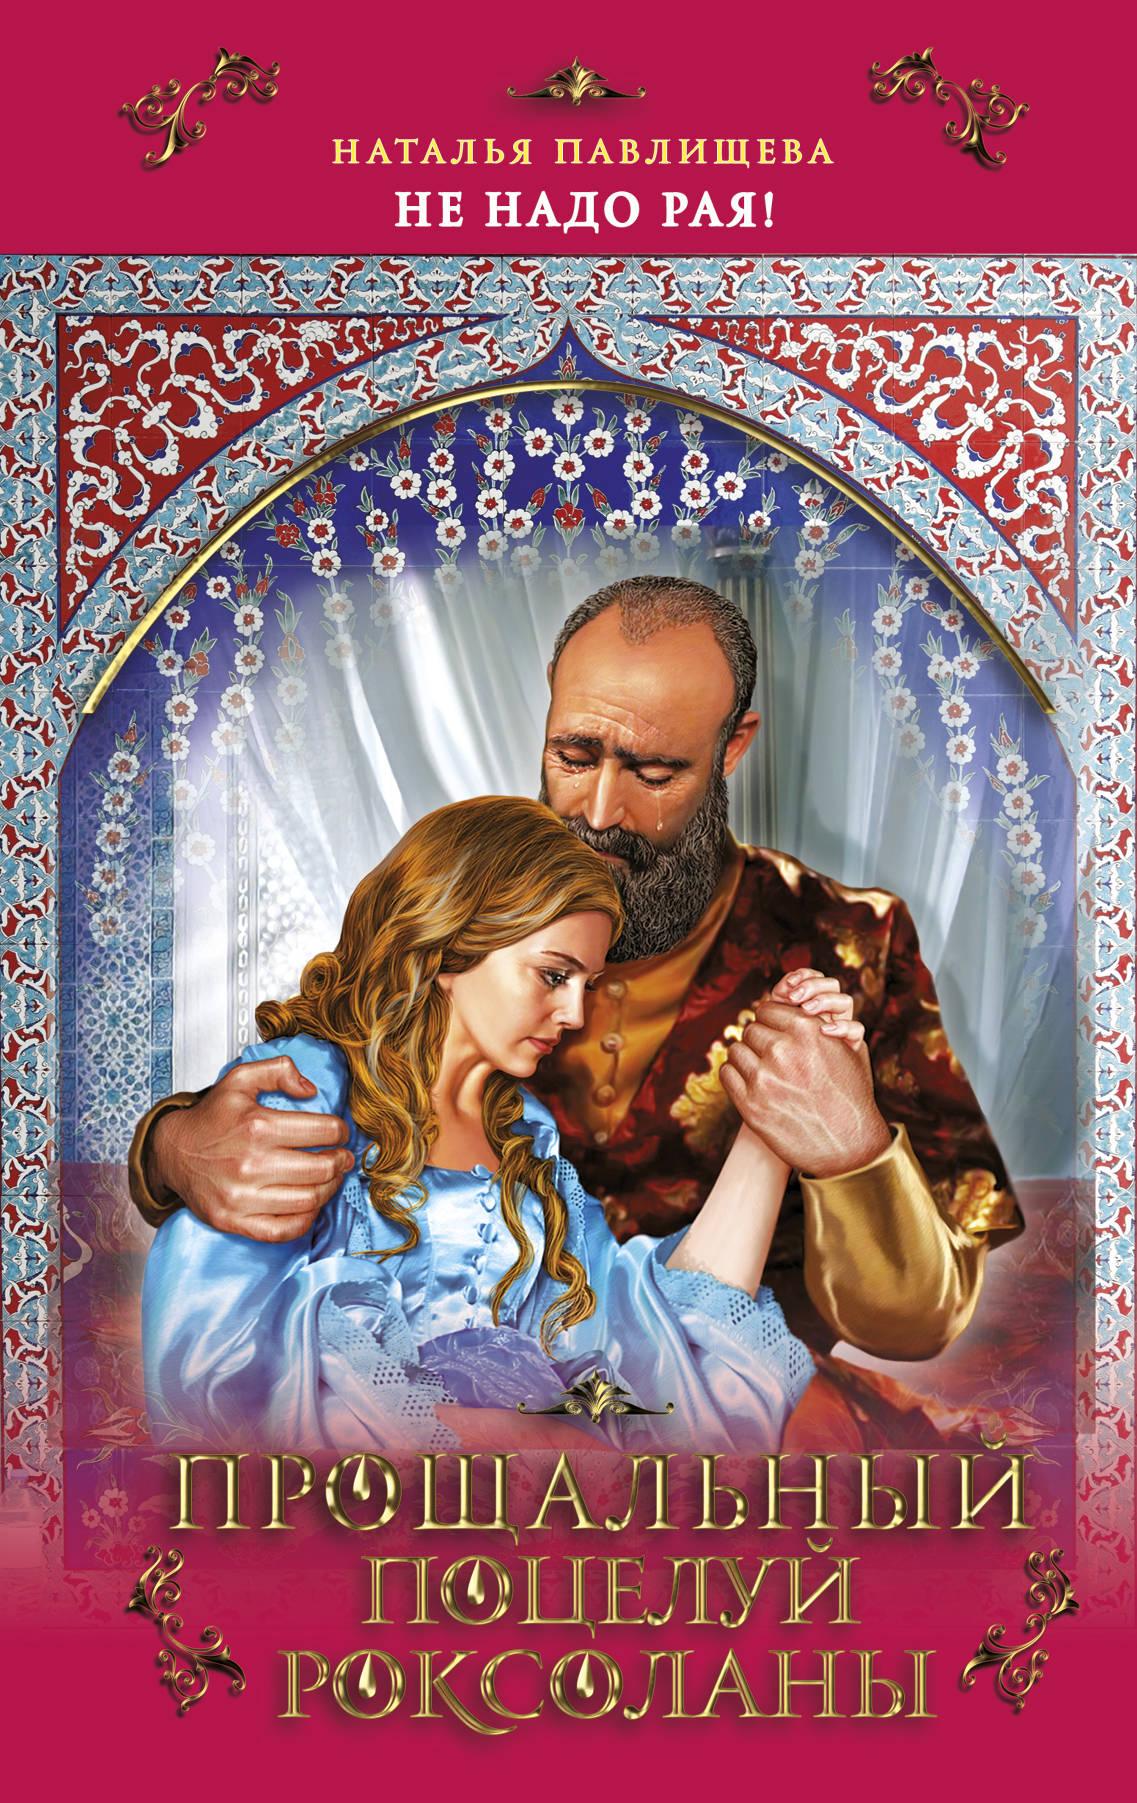 Proschalnyj potseluj Roksolany. «Ne nado raja!»